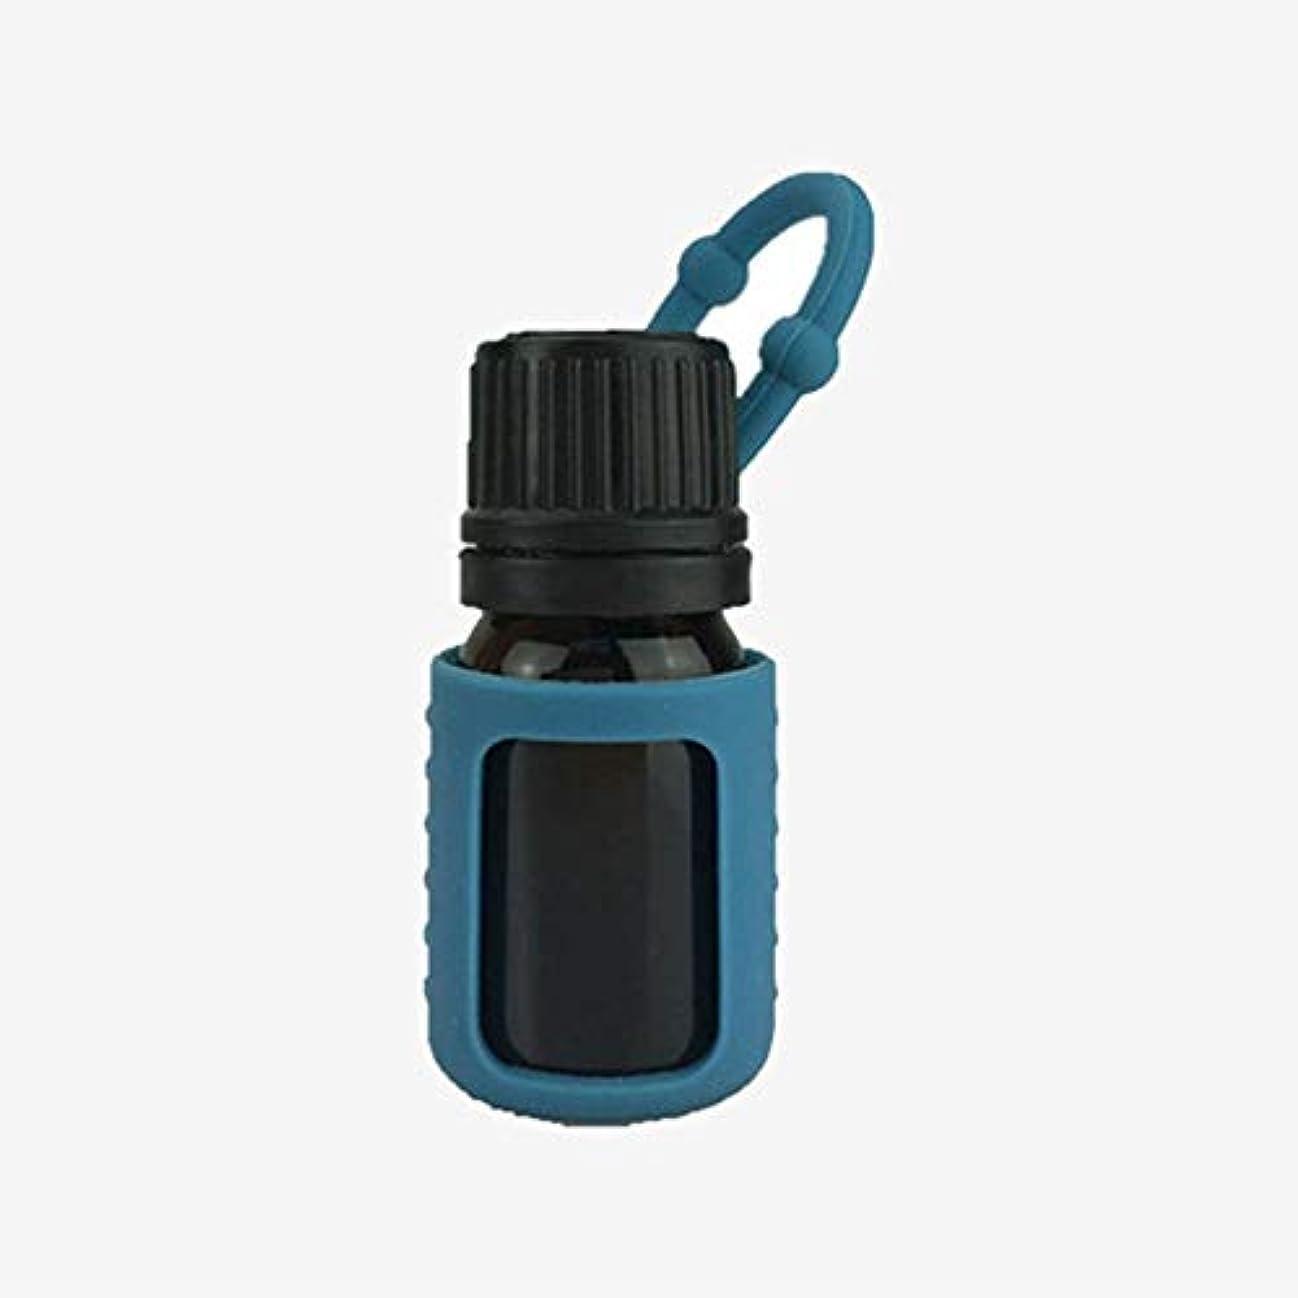 抜け目がない赤字露シリコンスリーブ5/10 / 15mlエッセンシャルオイルボトルプロテクターシリコン保護ケースカバーランダムカラー